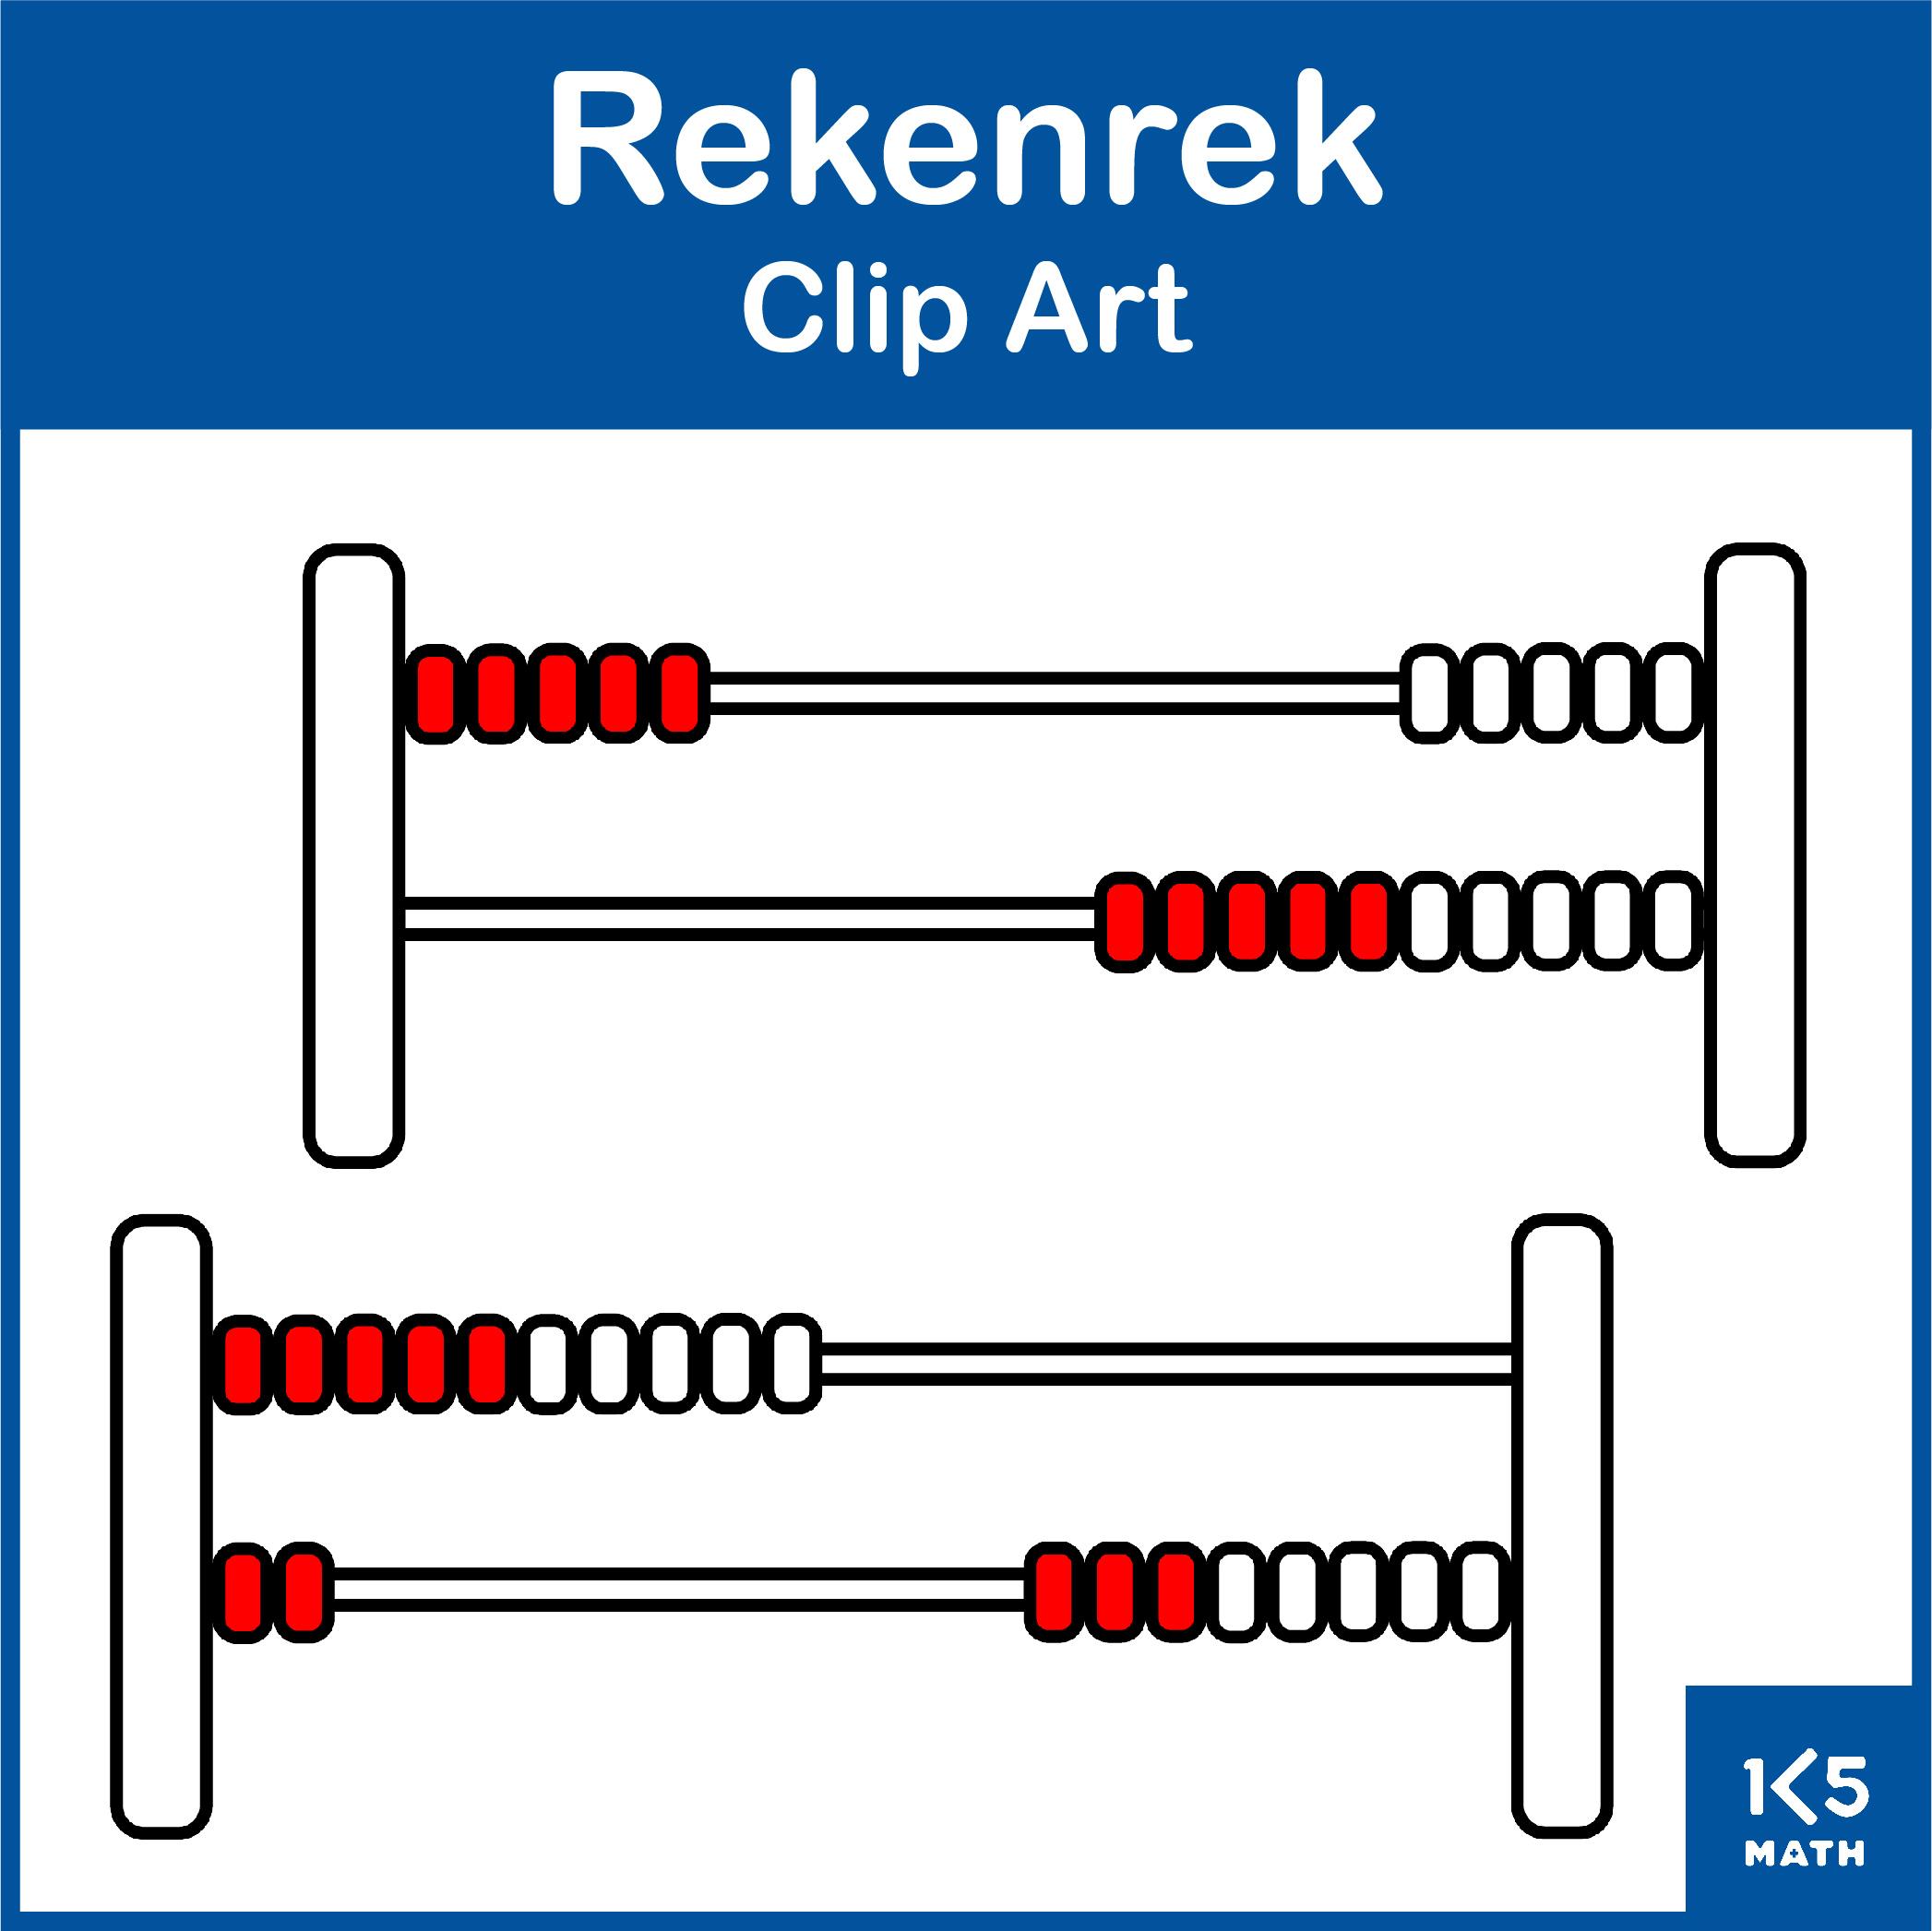 Rekenrek Clip Art